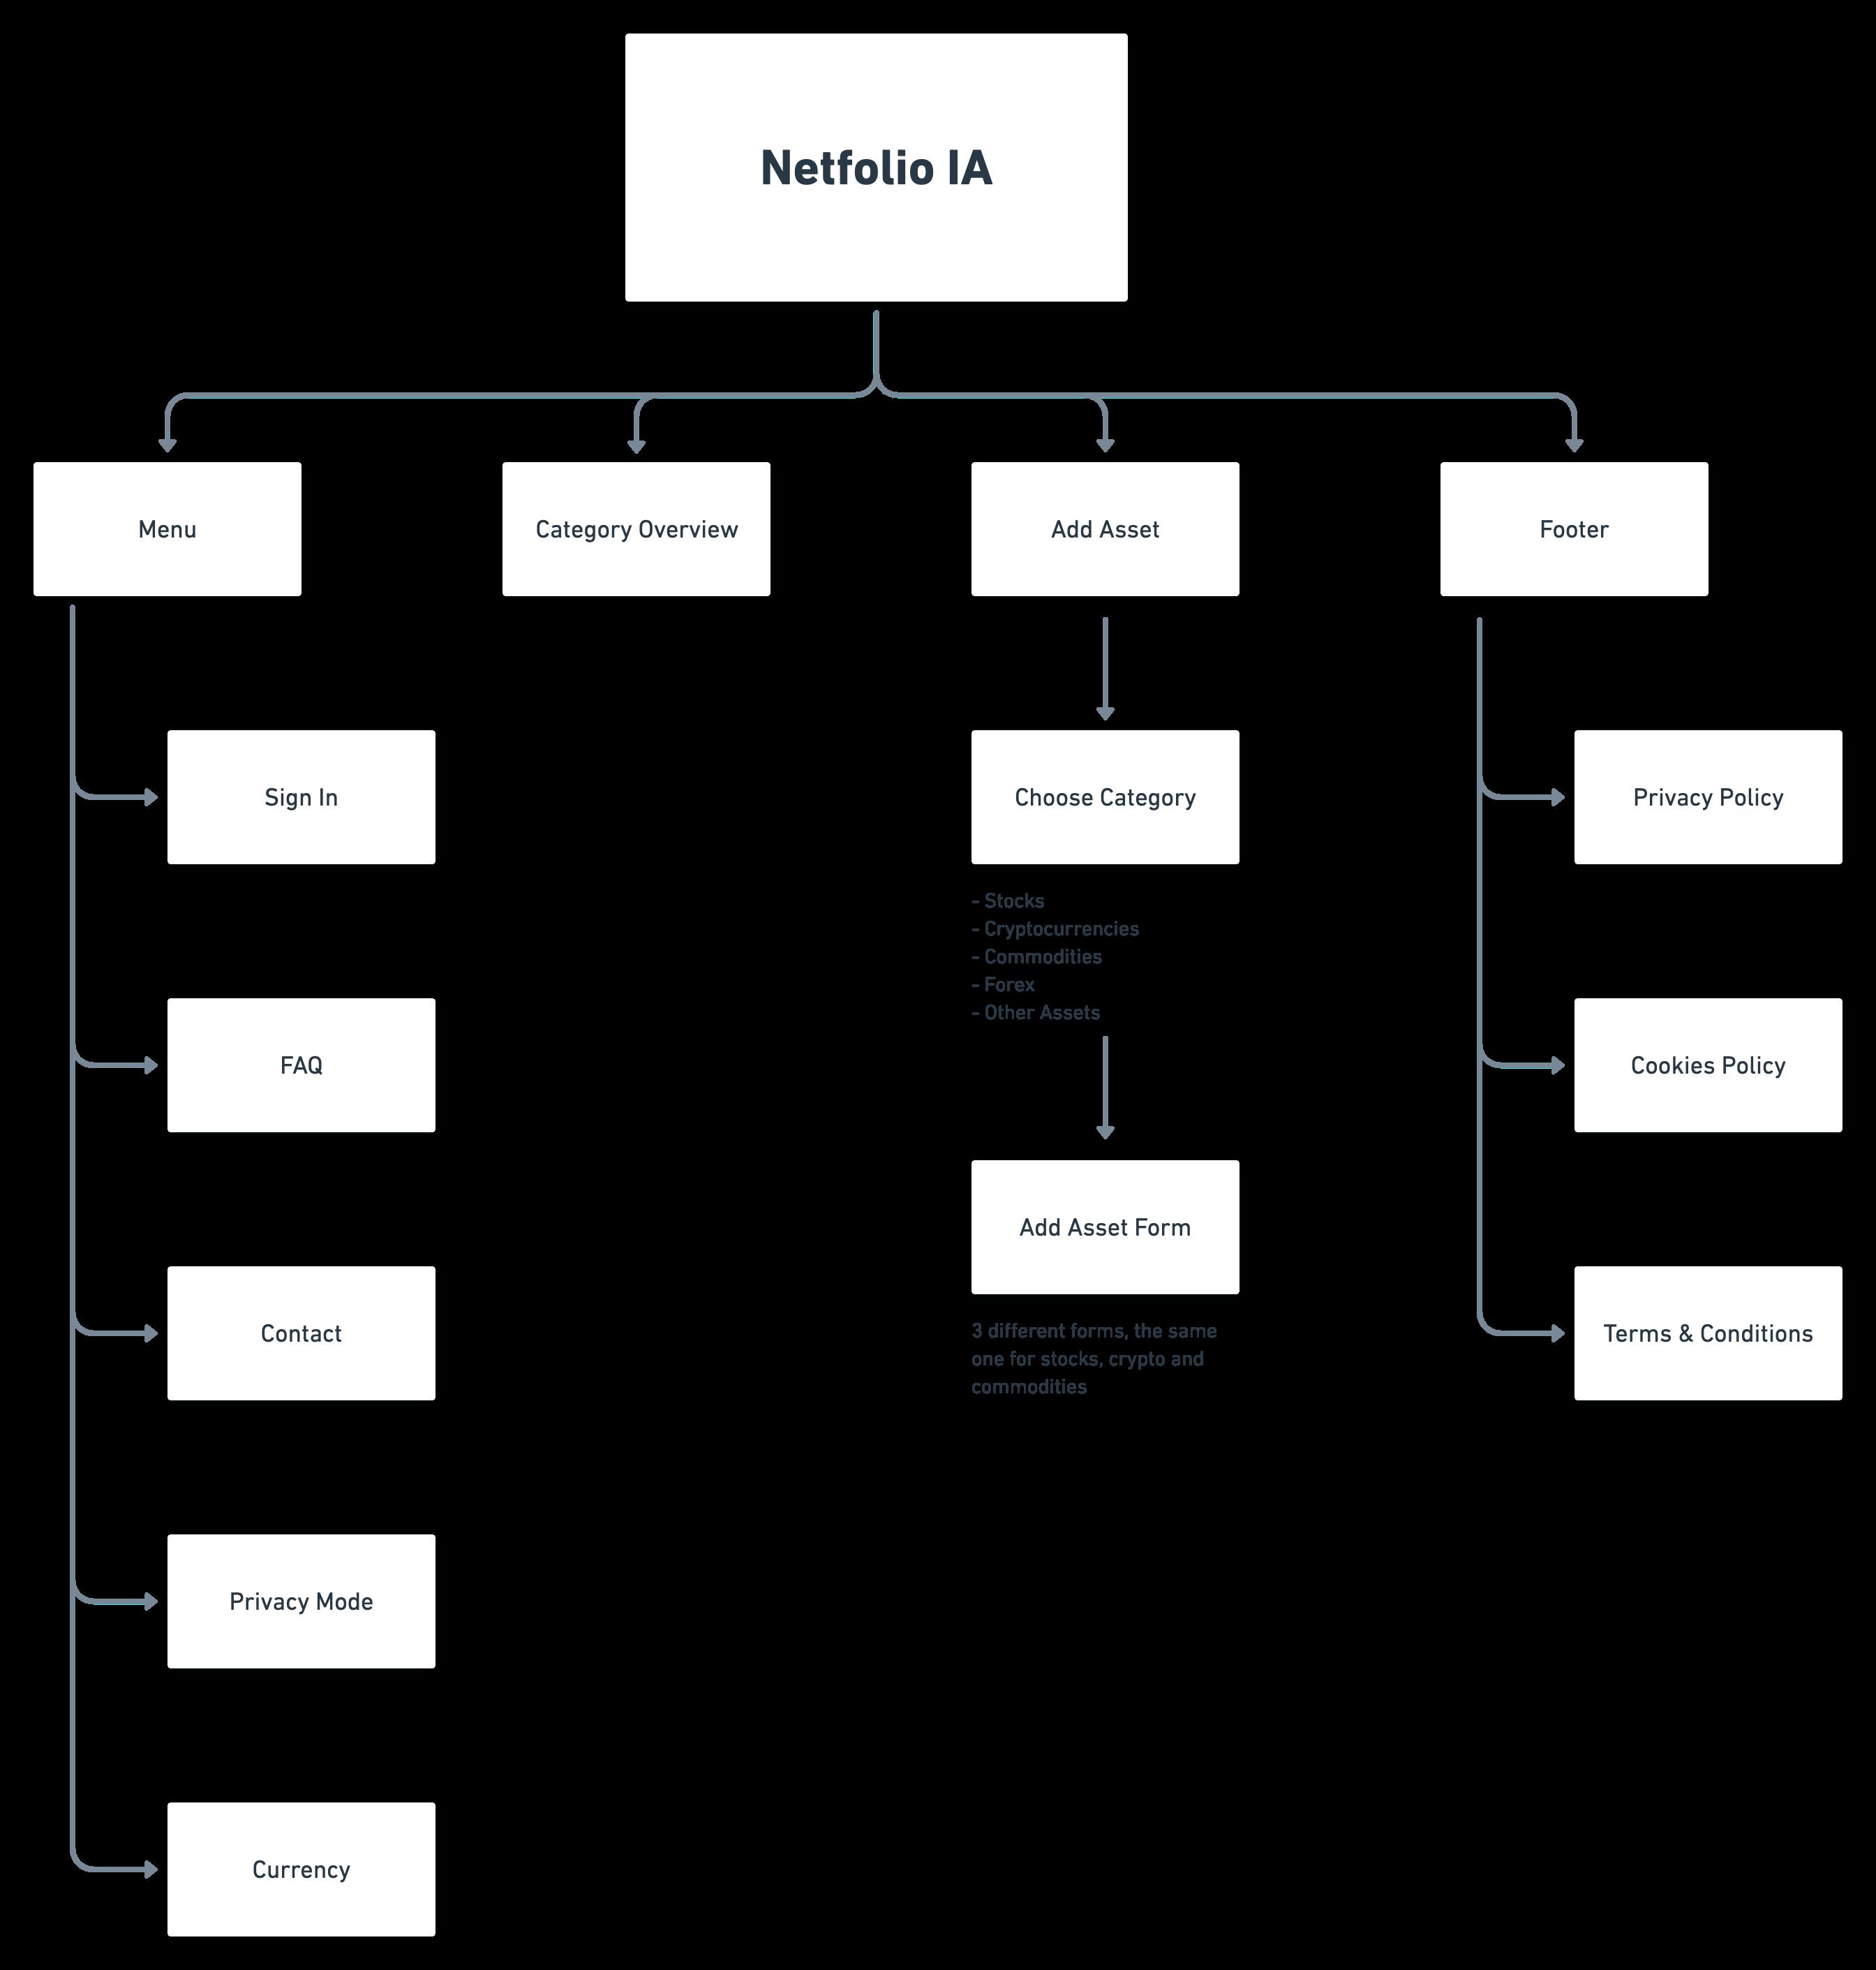 Netfolio Information Architecture